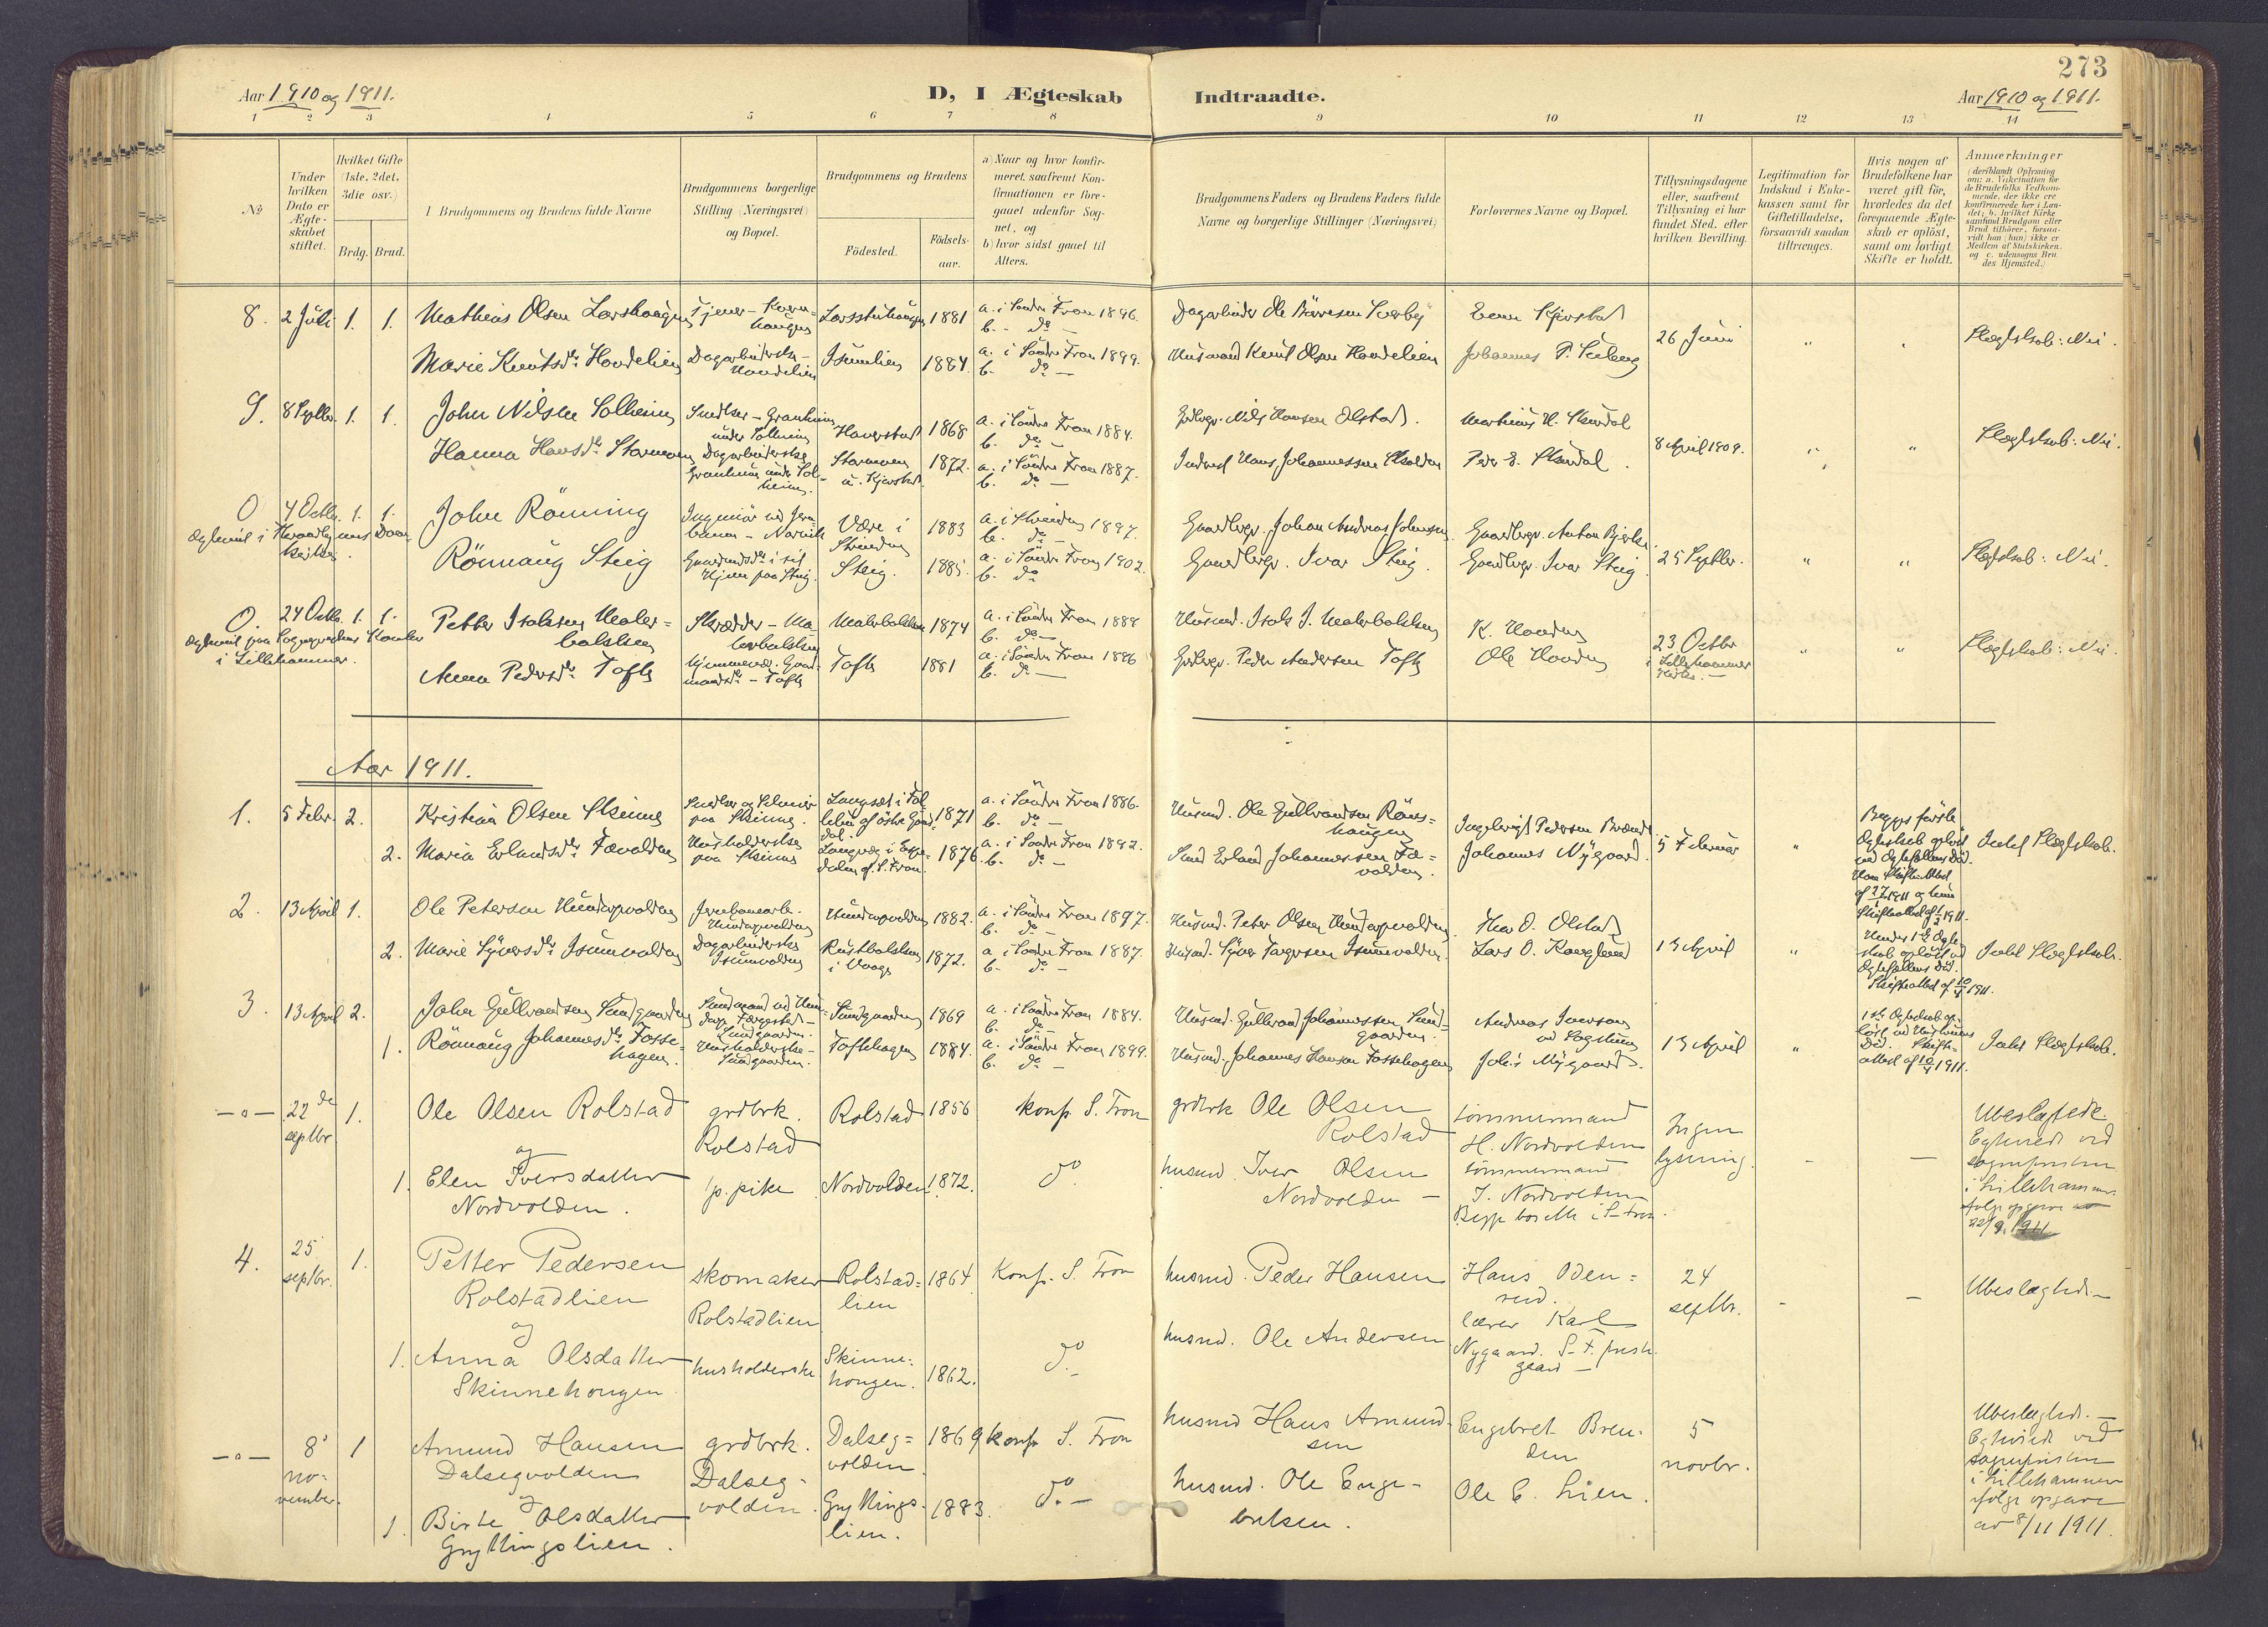 SAH, Sør-Fron prestekontor, H/Ha/Haa/L0004: Ministerialbok nr. 4, 1898-1919, s. 273